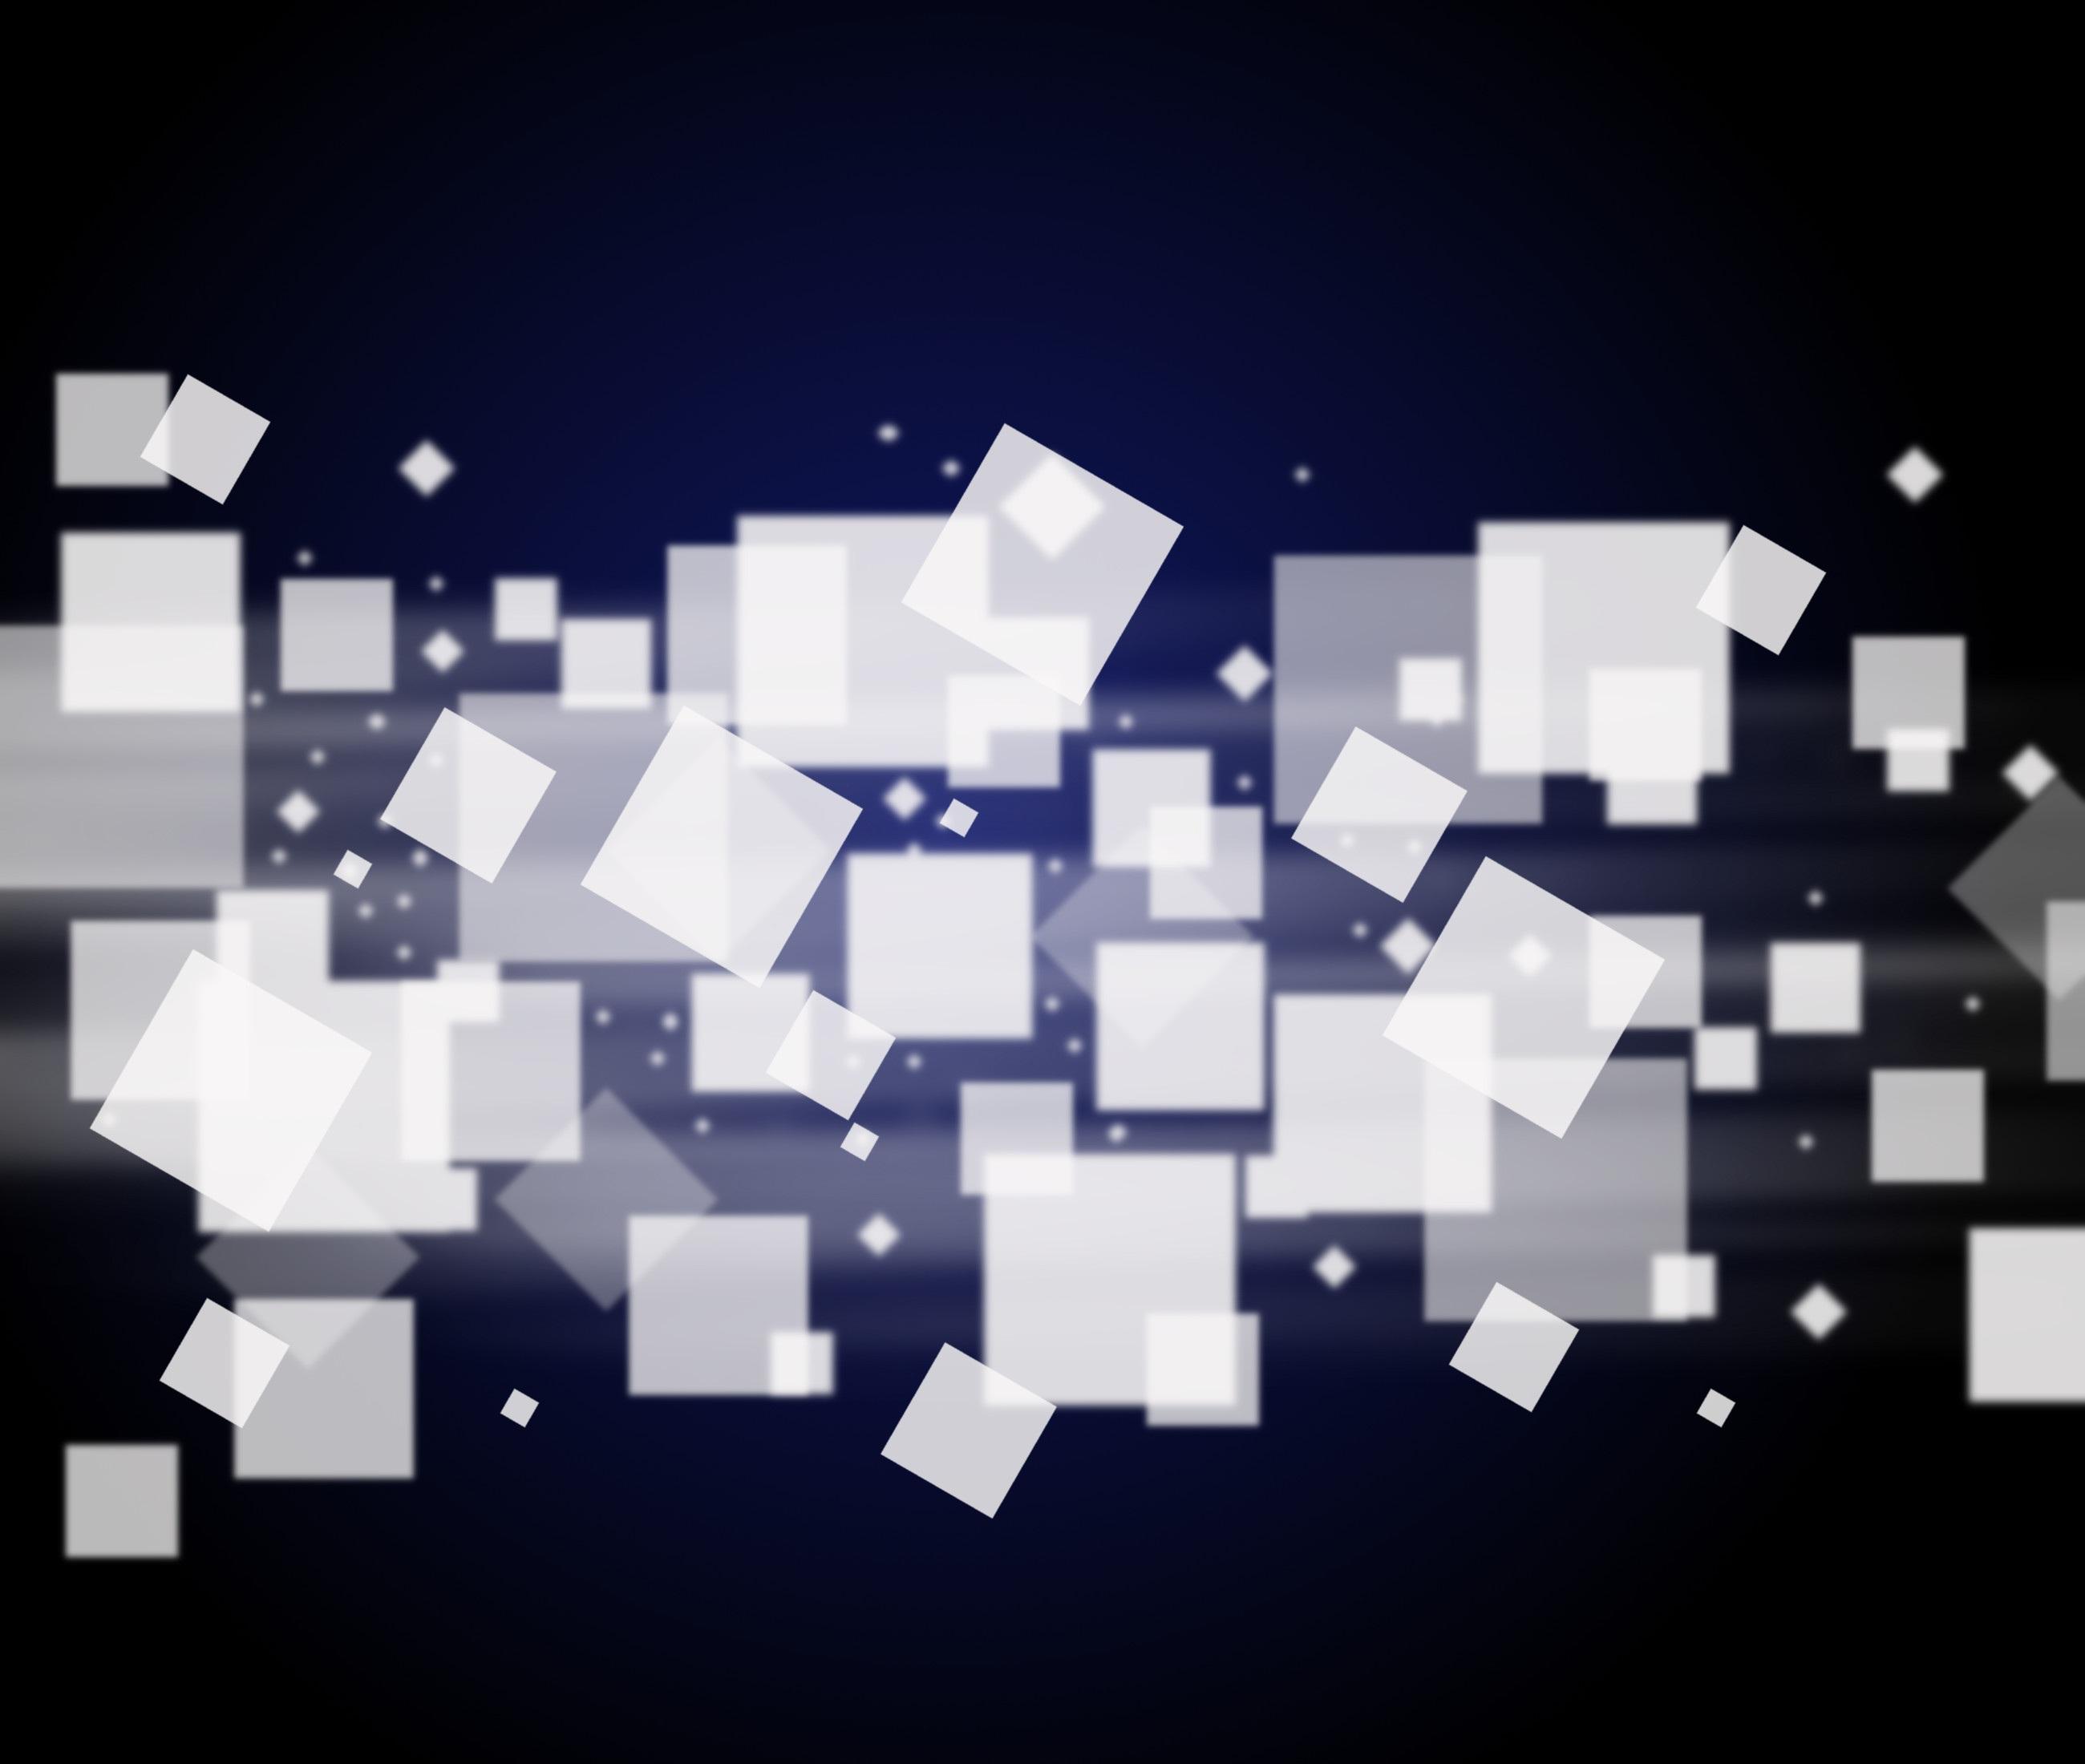 153384壁紙のダウンロード抽象, 正方形, 正方 形, フォーム, 形, 沢山の, 群衆-スクリーンセーバーと写真を無料で